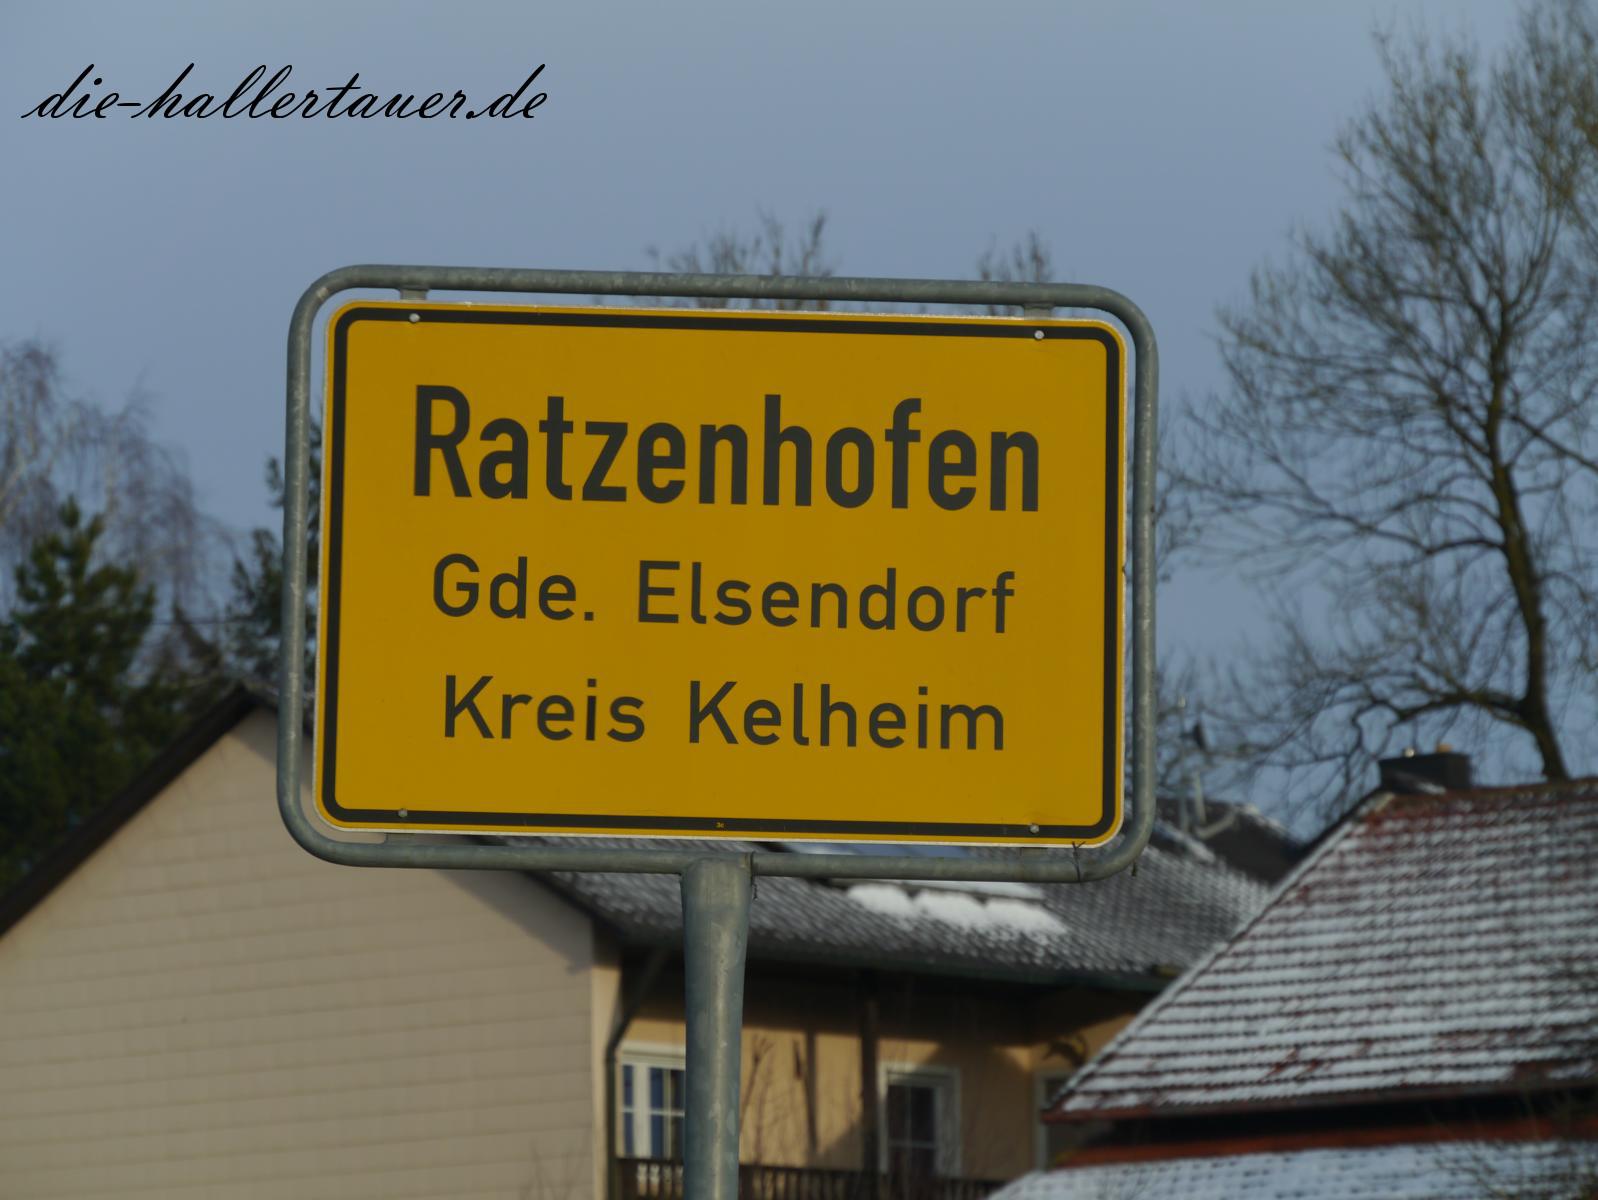 Ratzenhofen